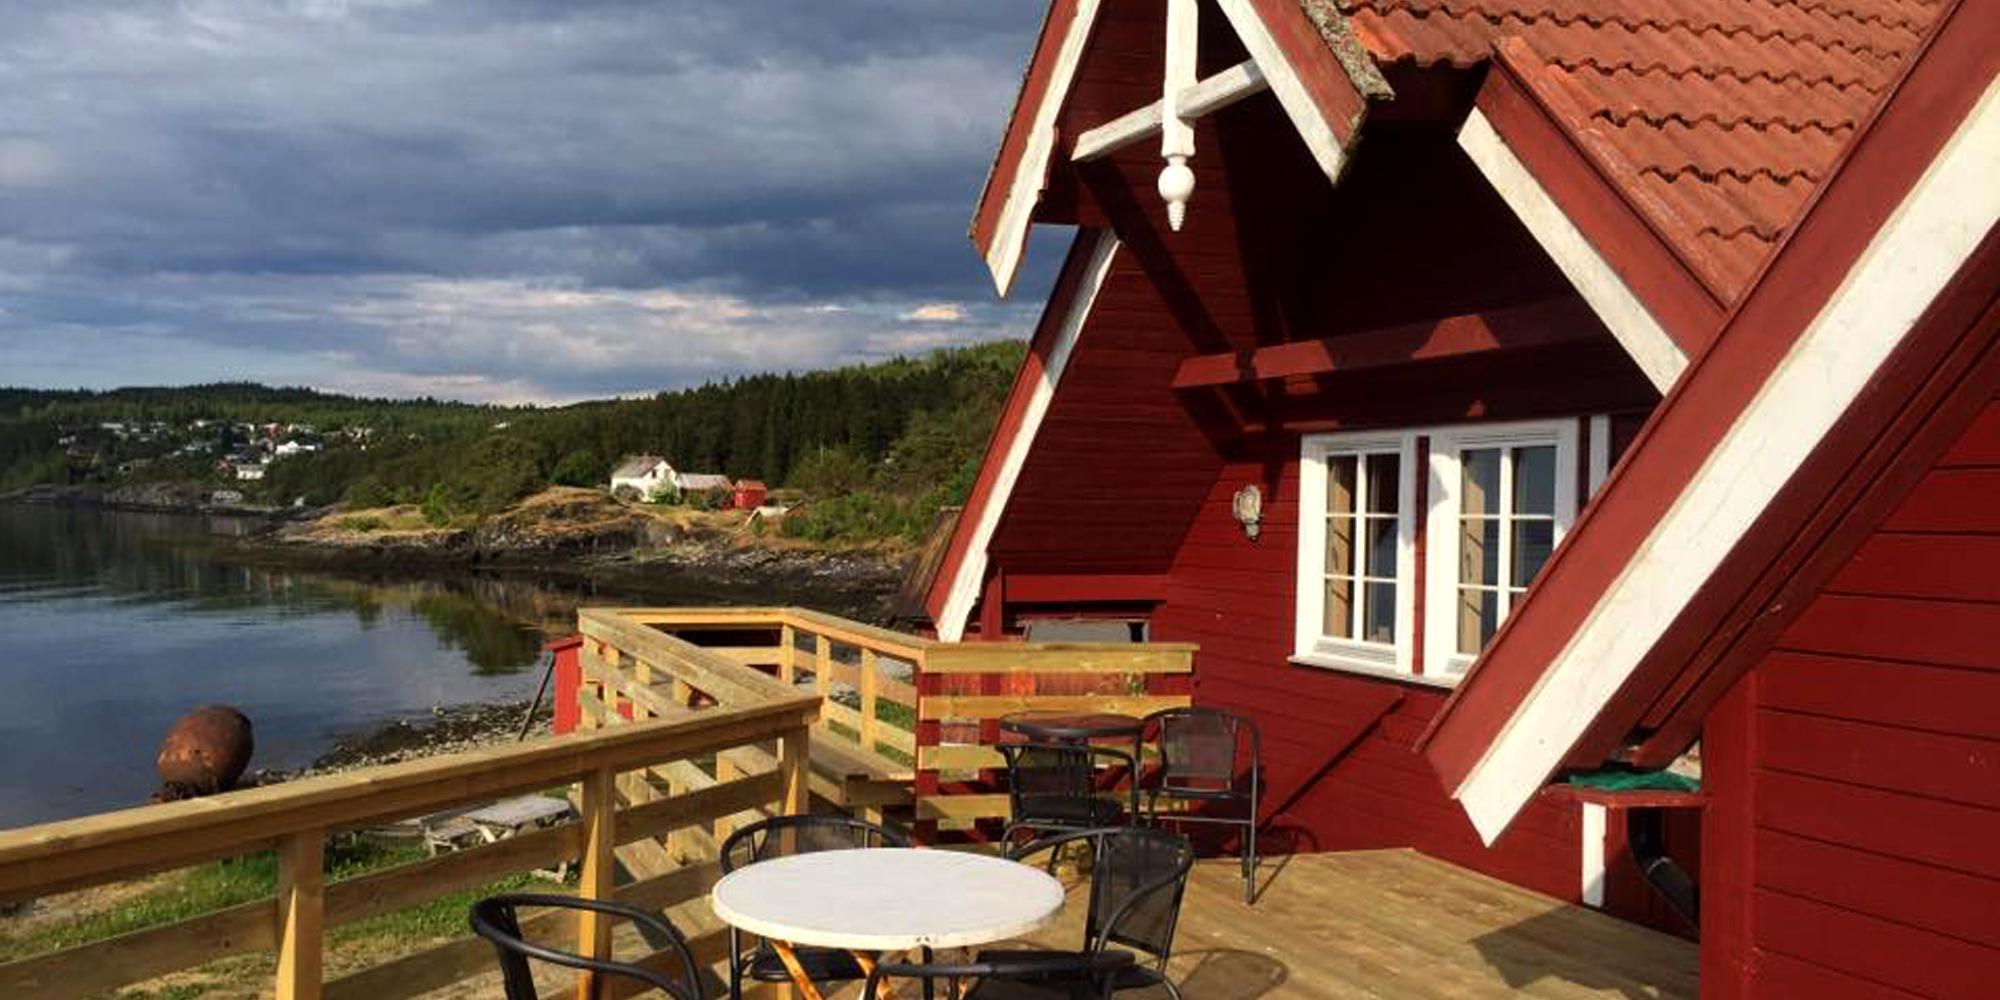 Stort veranda område med sitteplasseri sommerseongen ved Kjerknesvågen kai. Copyright: Kjrknesvågen Kai og Båtforening